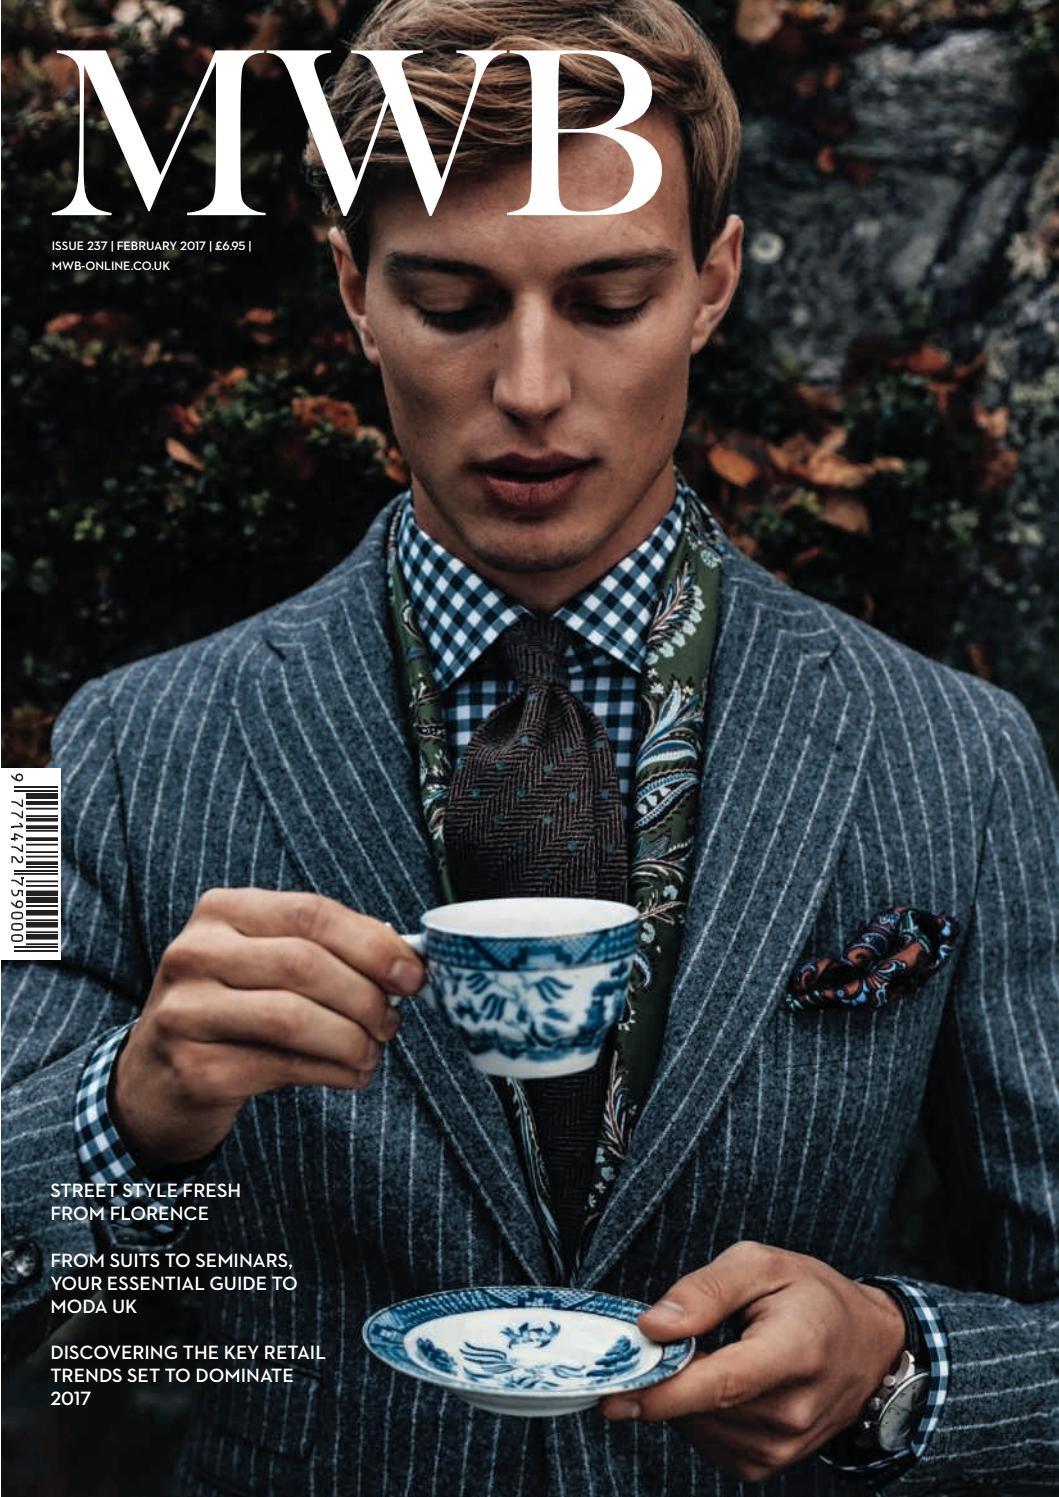 13ffca6044c63c MWB MAGAZINE FEBRUARY ISSUE 237 by fashion buyers Ltd - issuu